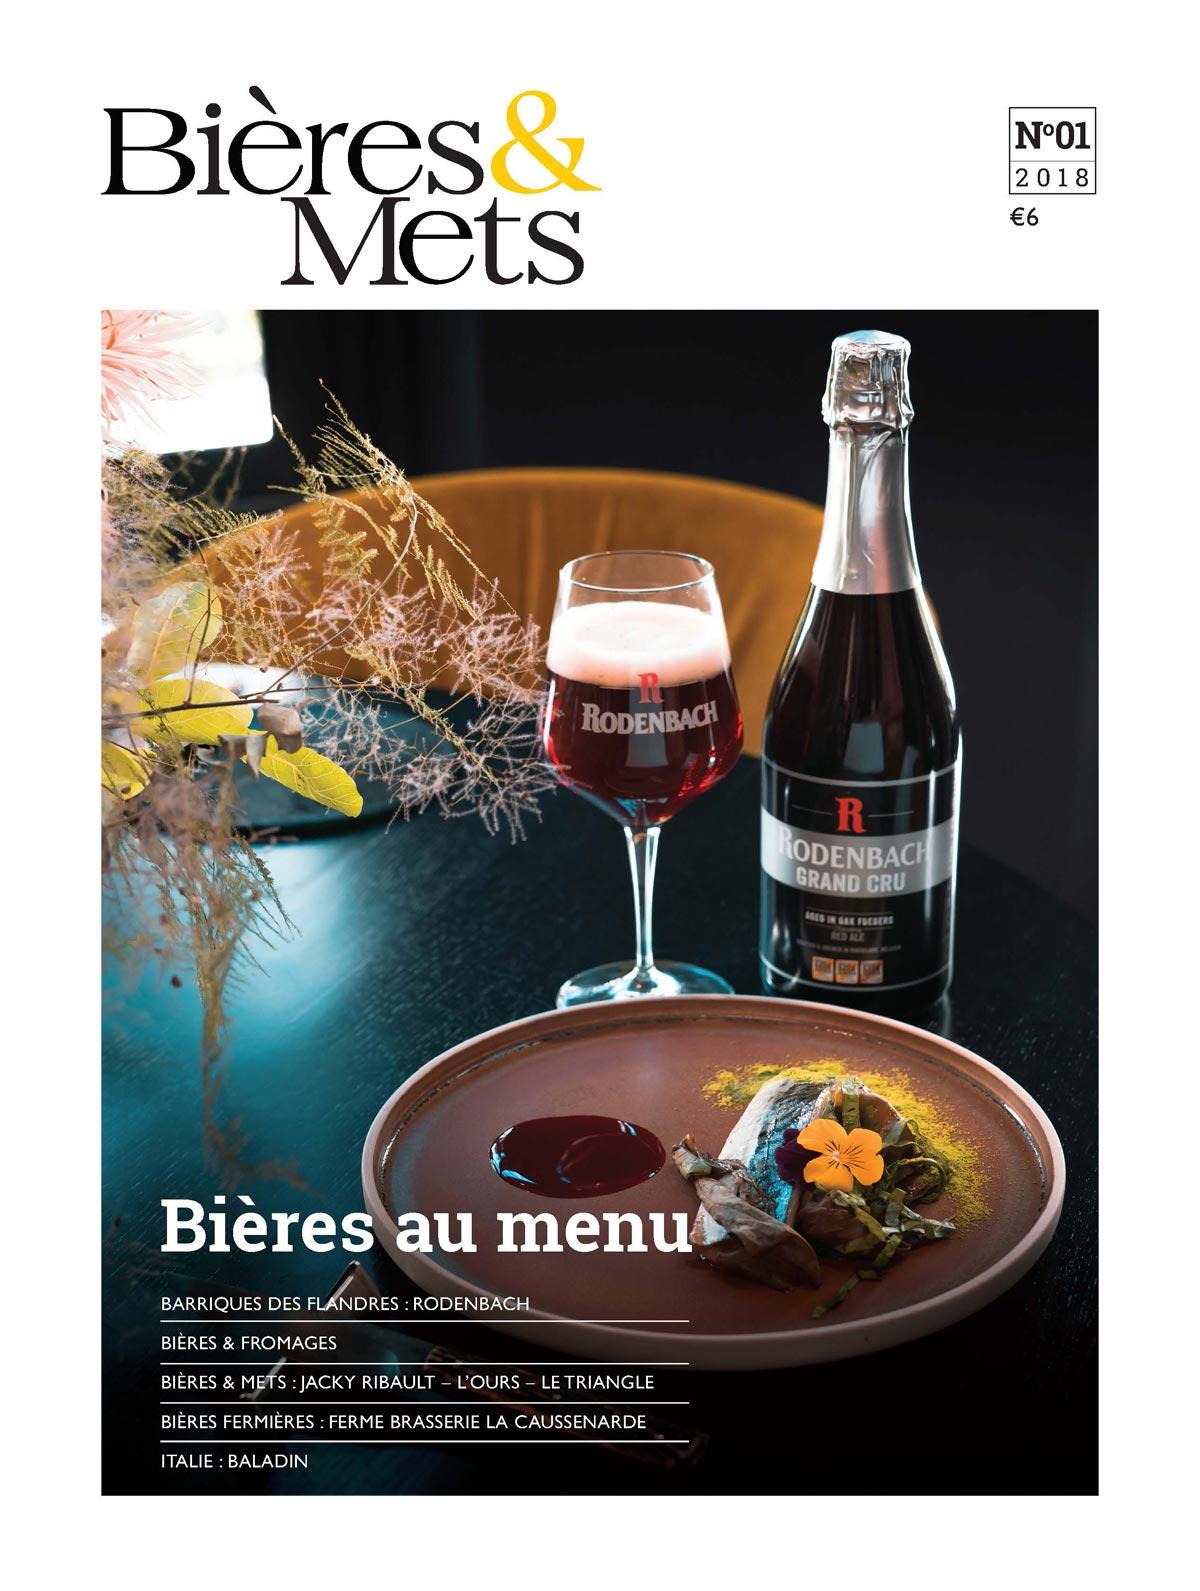 La couverture du 1er numéro de Bières & Mets